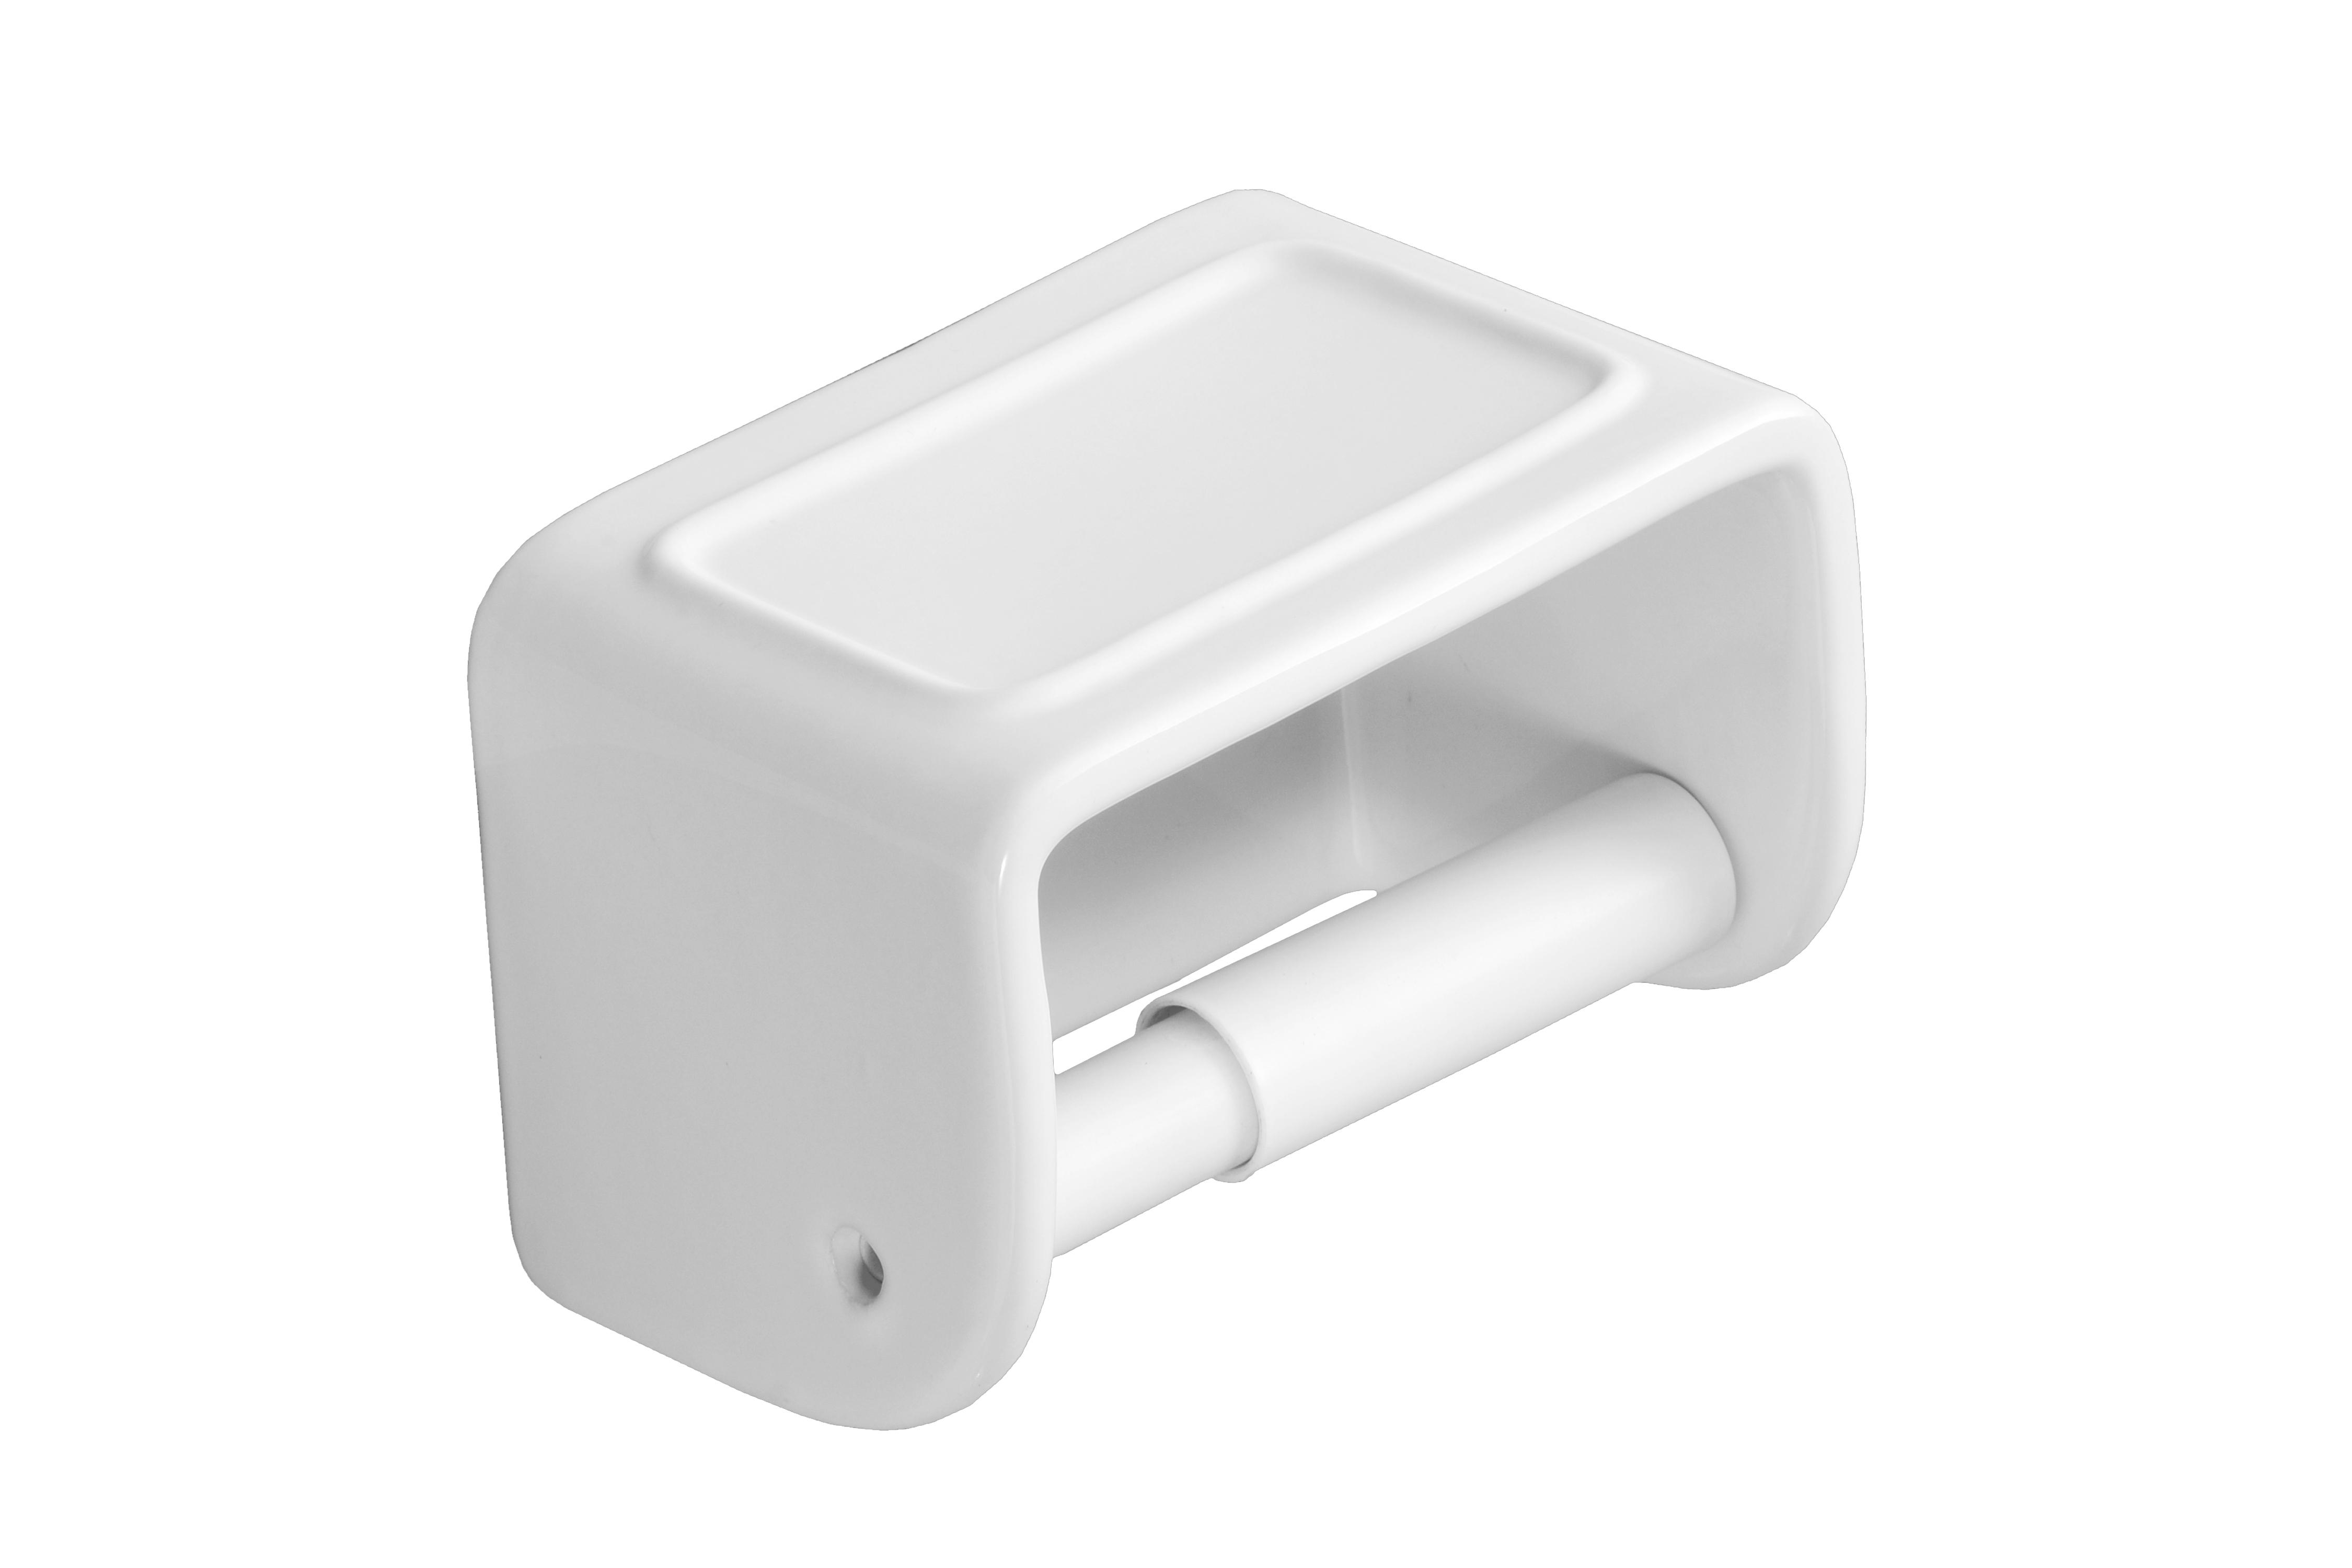 Toilet Paper Roll Holder (TA 705)